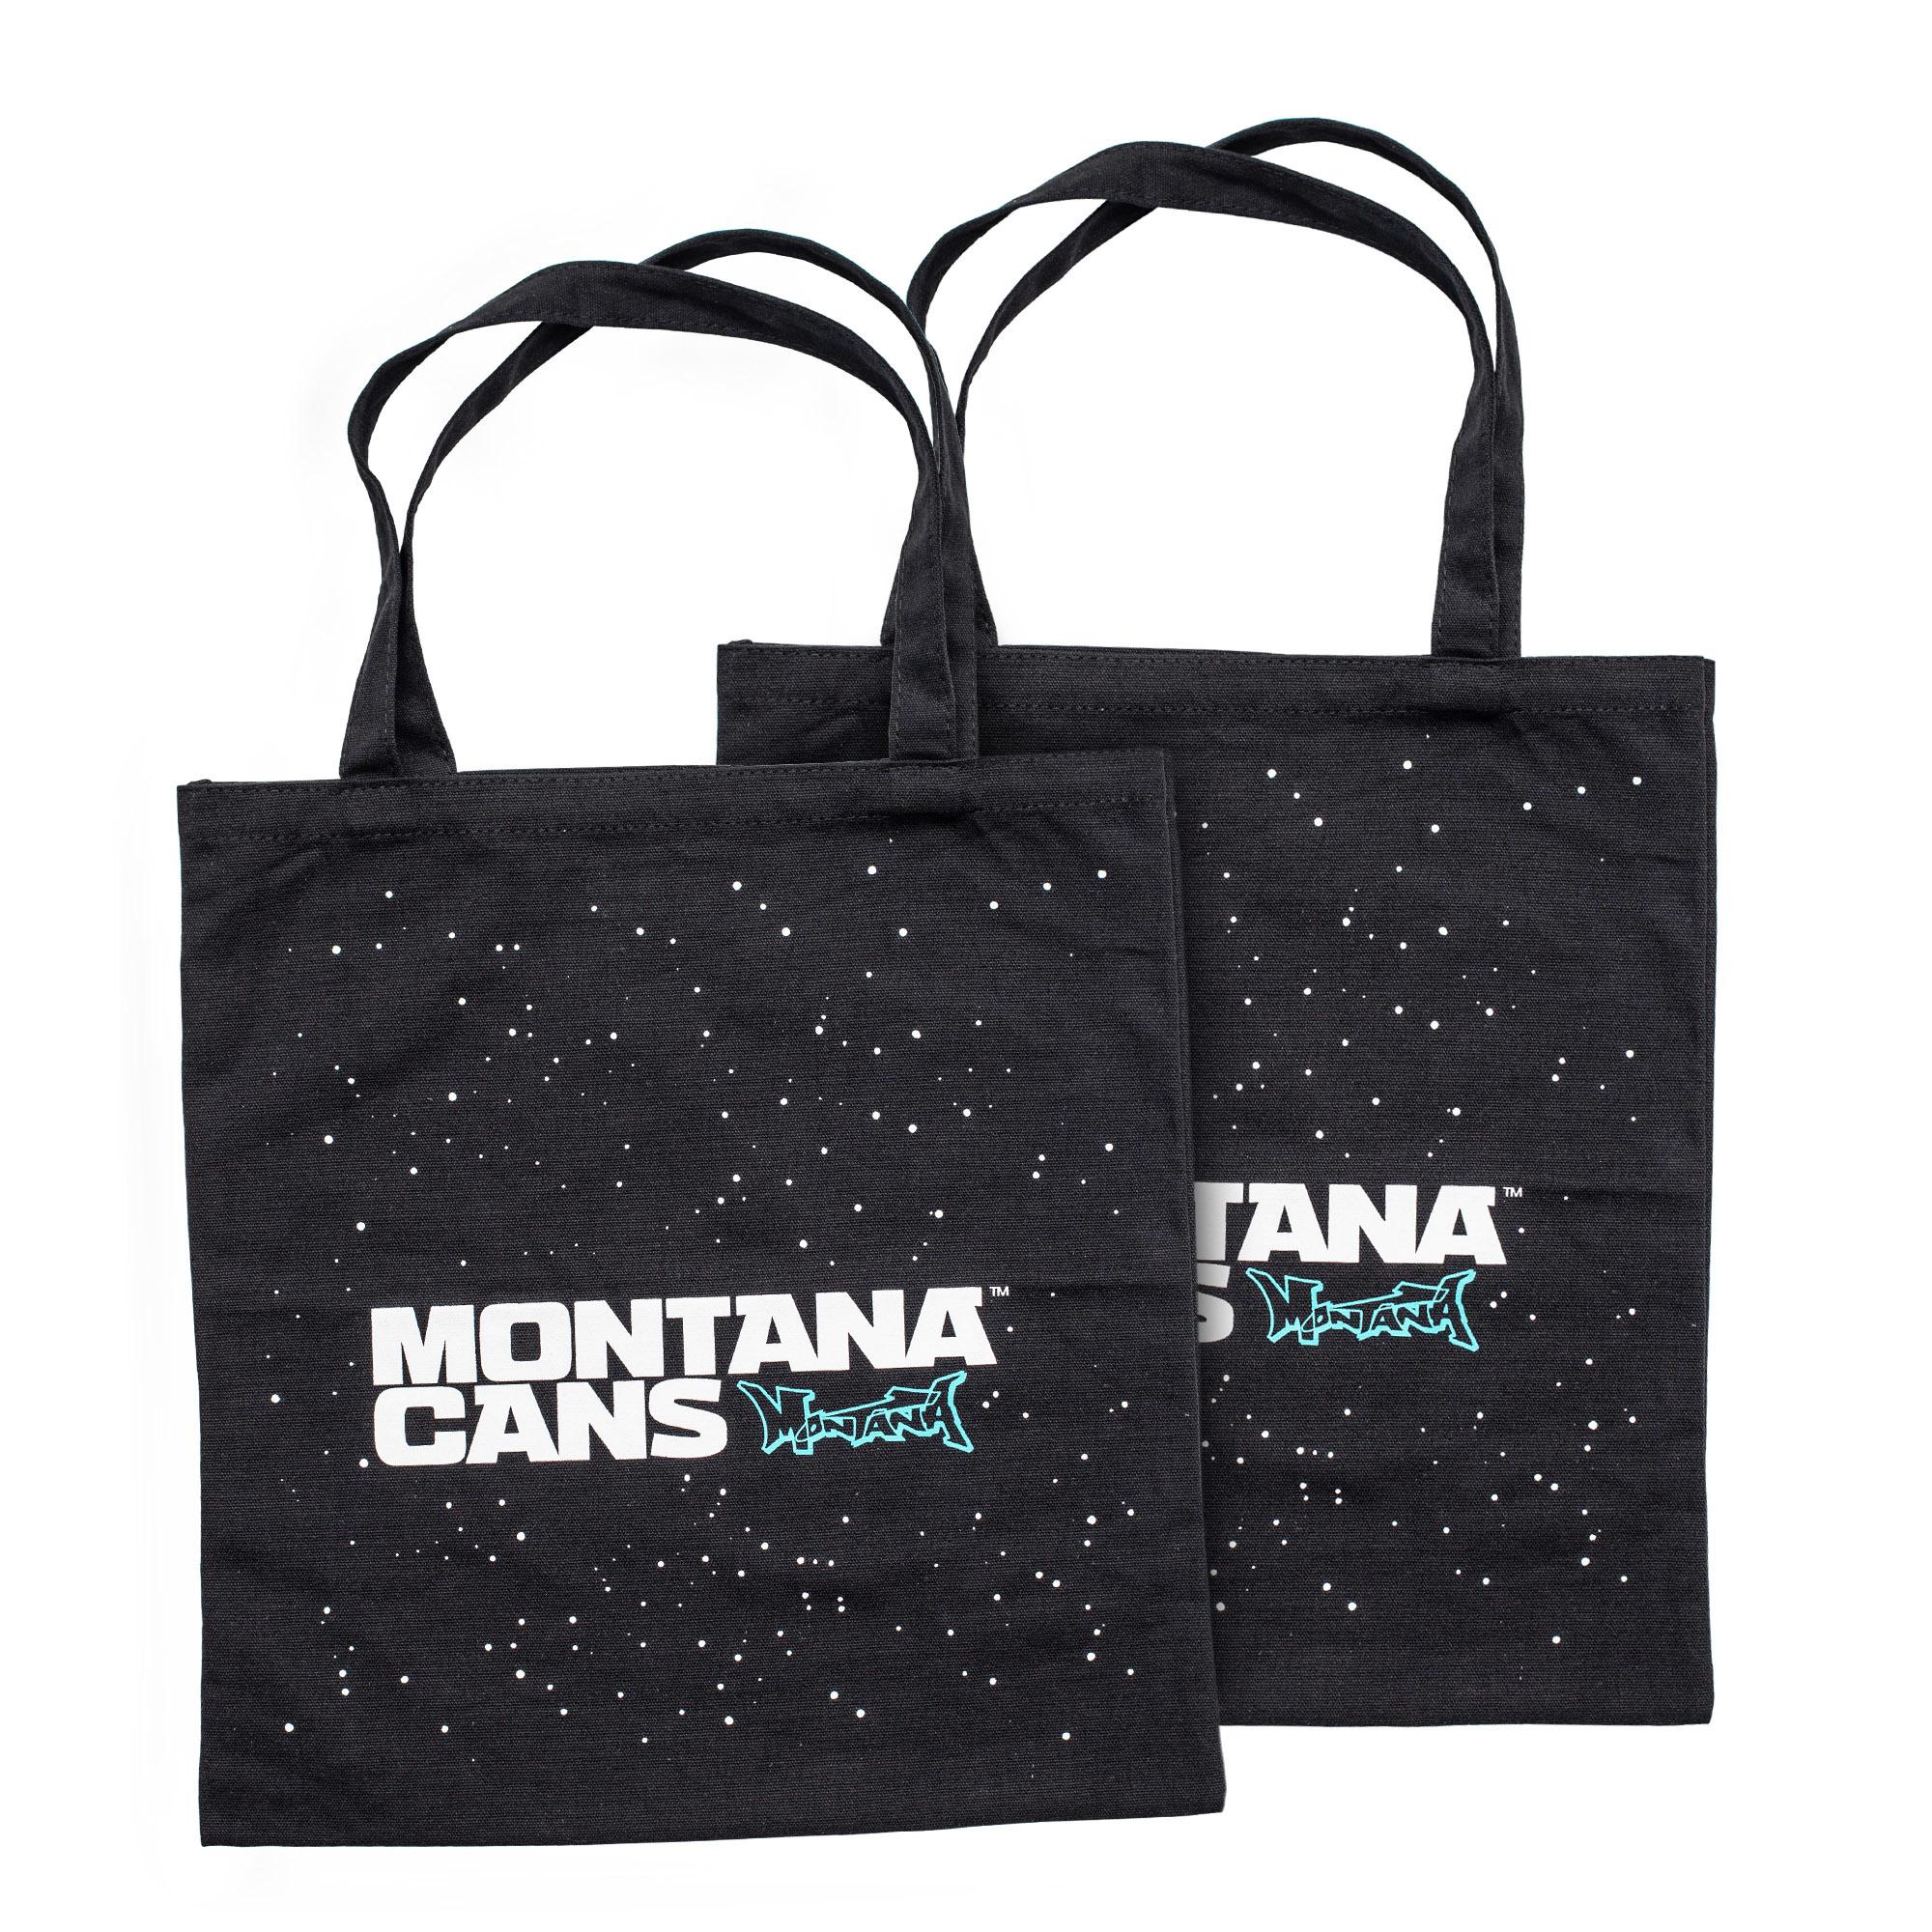 Montana Typo-Logo+Stars Cotton Bag - Black